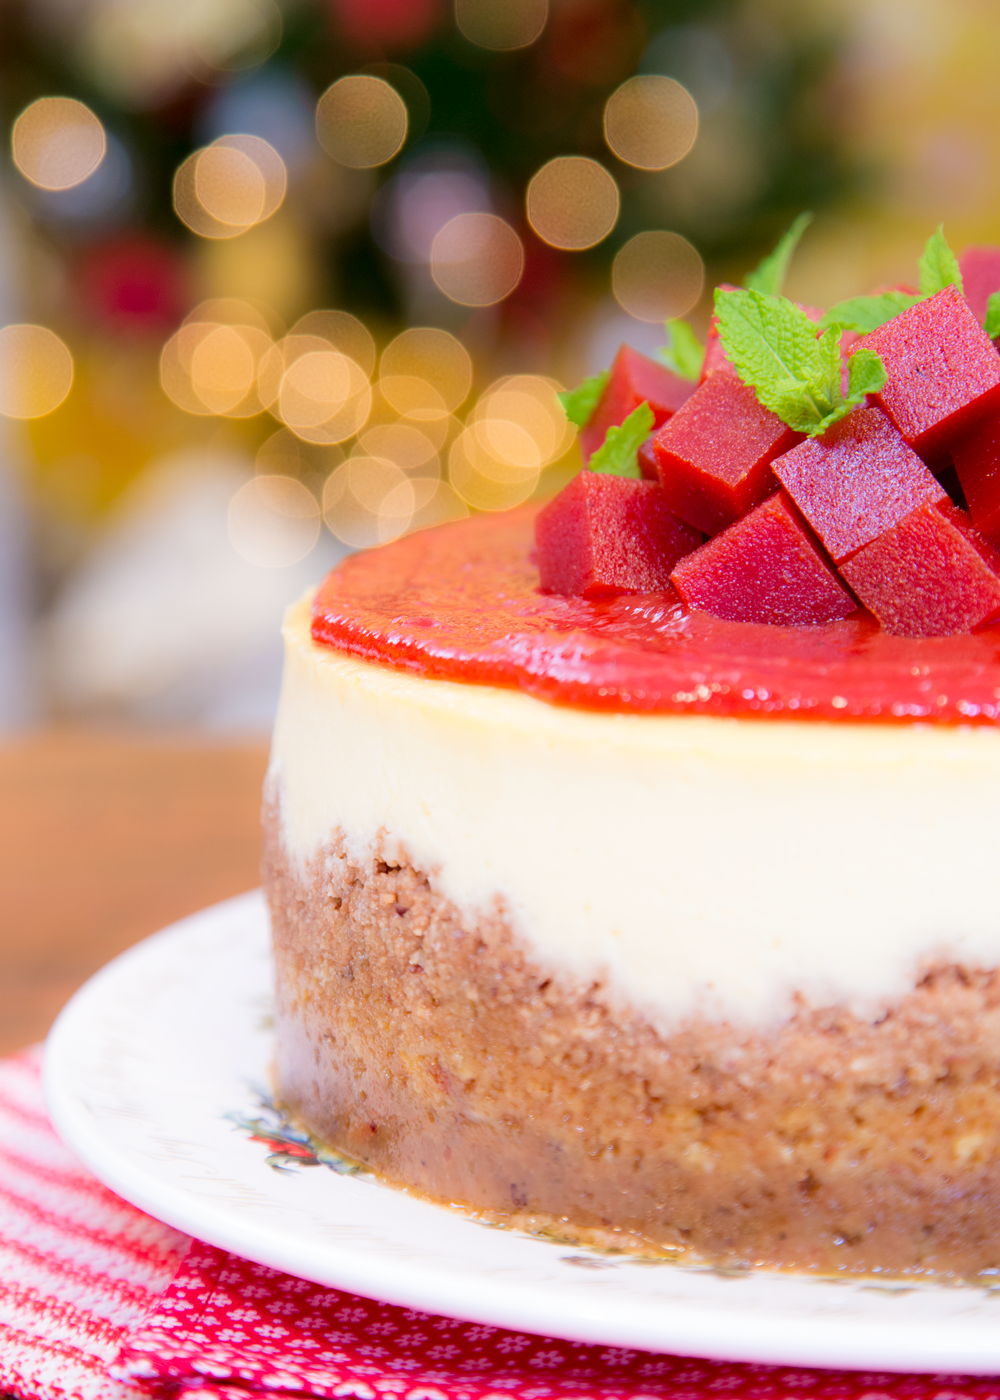 Segredos para a cheesecake perfeita | Vídeos e Receitas de Sobremesas